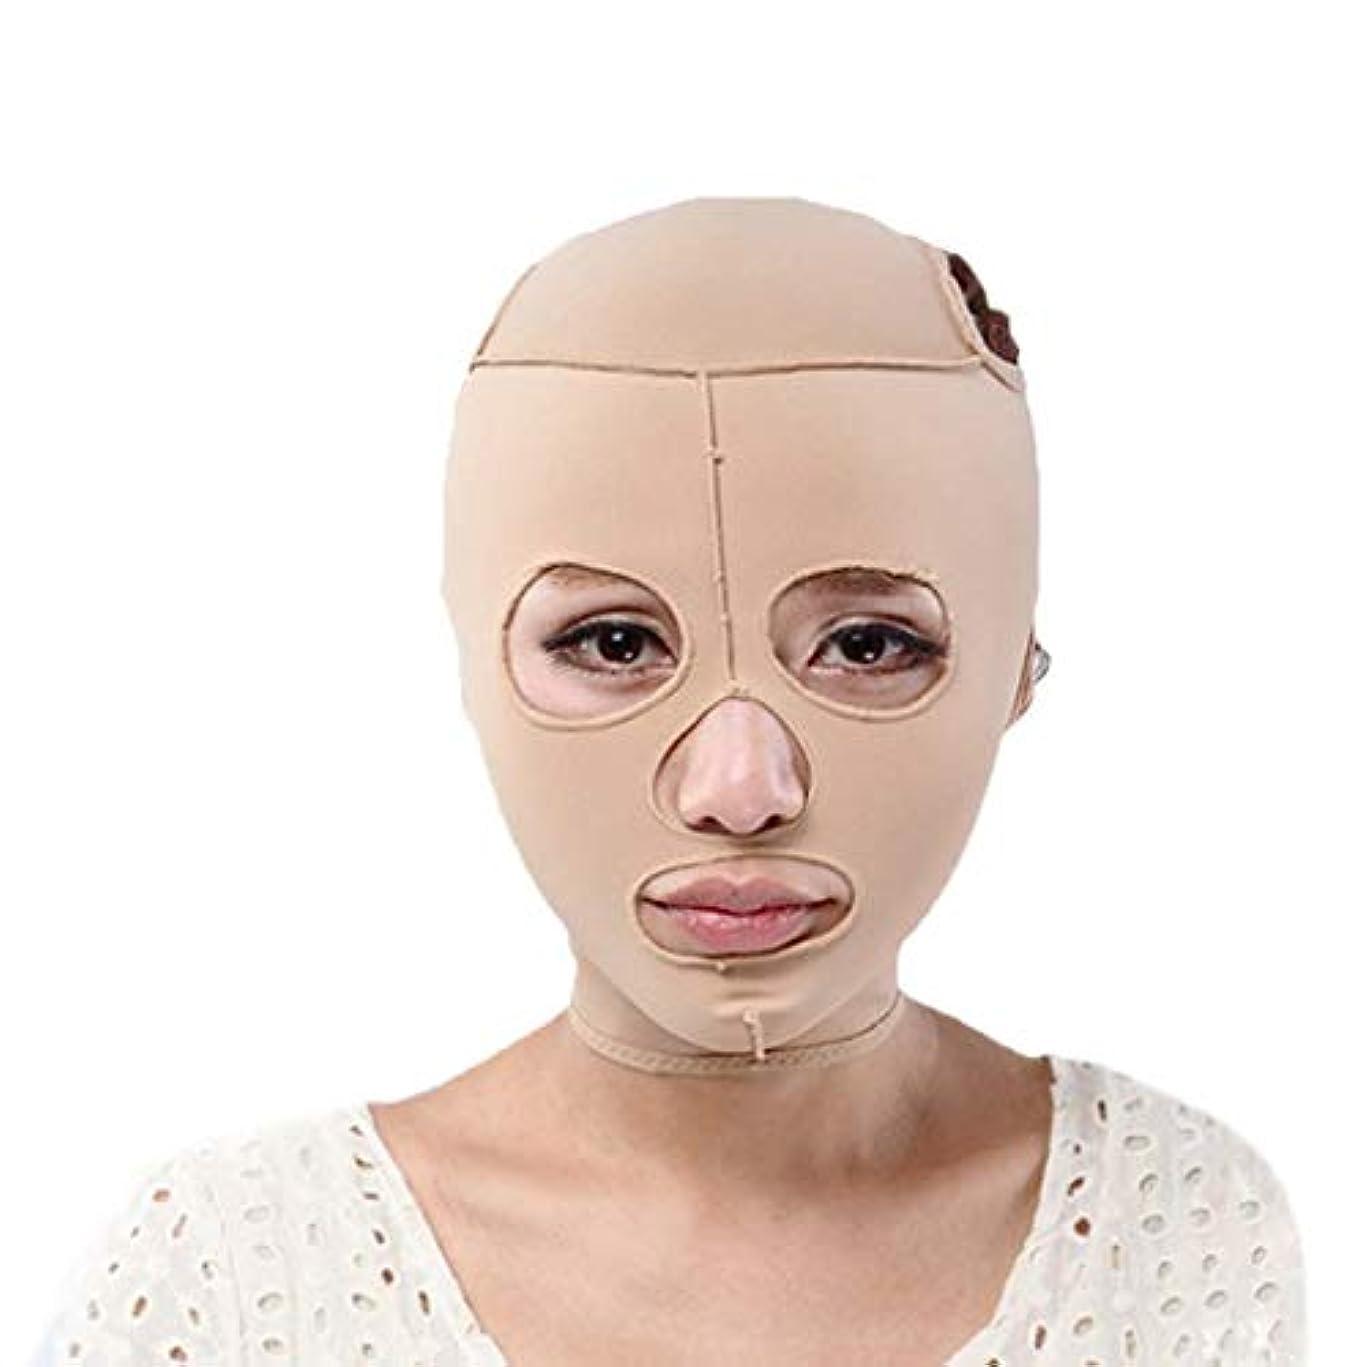 ベックス細部本チンストラップ、顔の減量アンチシワマスク、快適な通気性マスク付きオールインクルーシブフェイス、薄型フェイスマスクリフティング包帯引き締め(サイズ:S),L